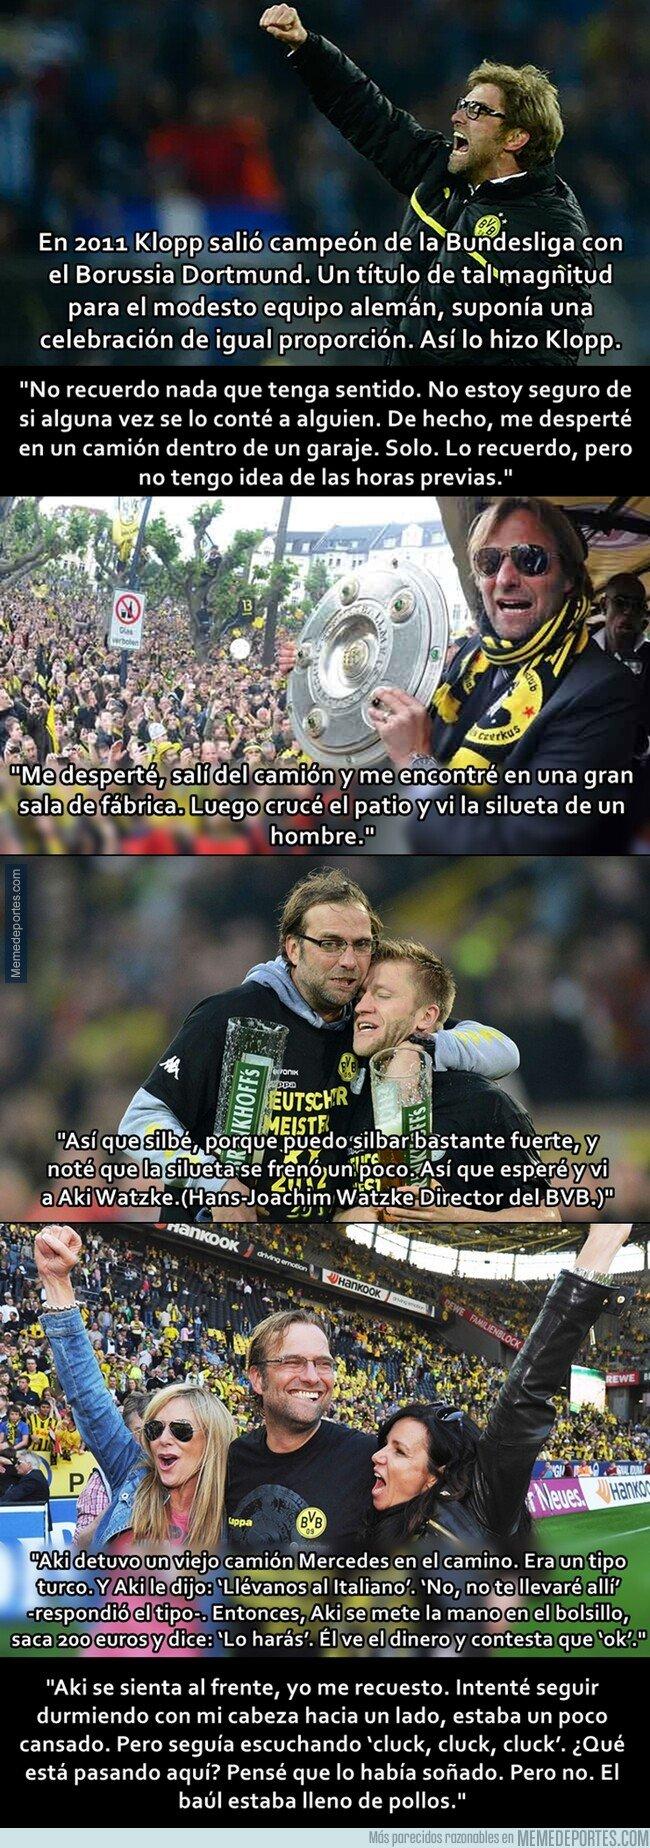 1085096 - Resacón en Dortmund: La surreal historia de cómo Klopp se perdió mientras celebraba el título de liga en 2011